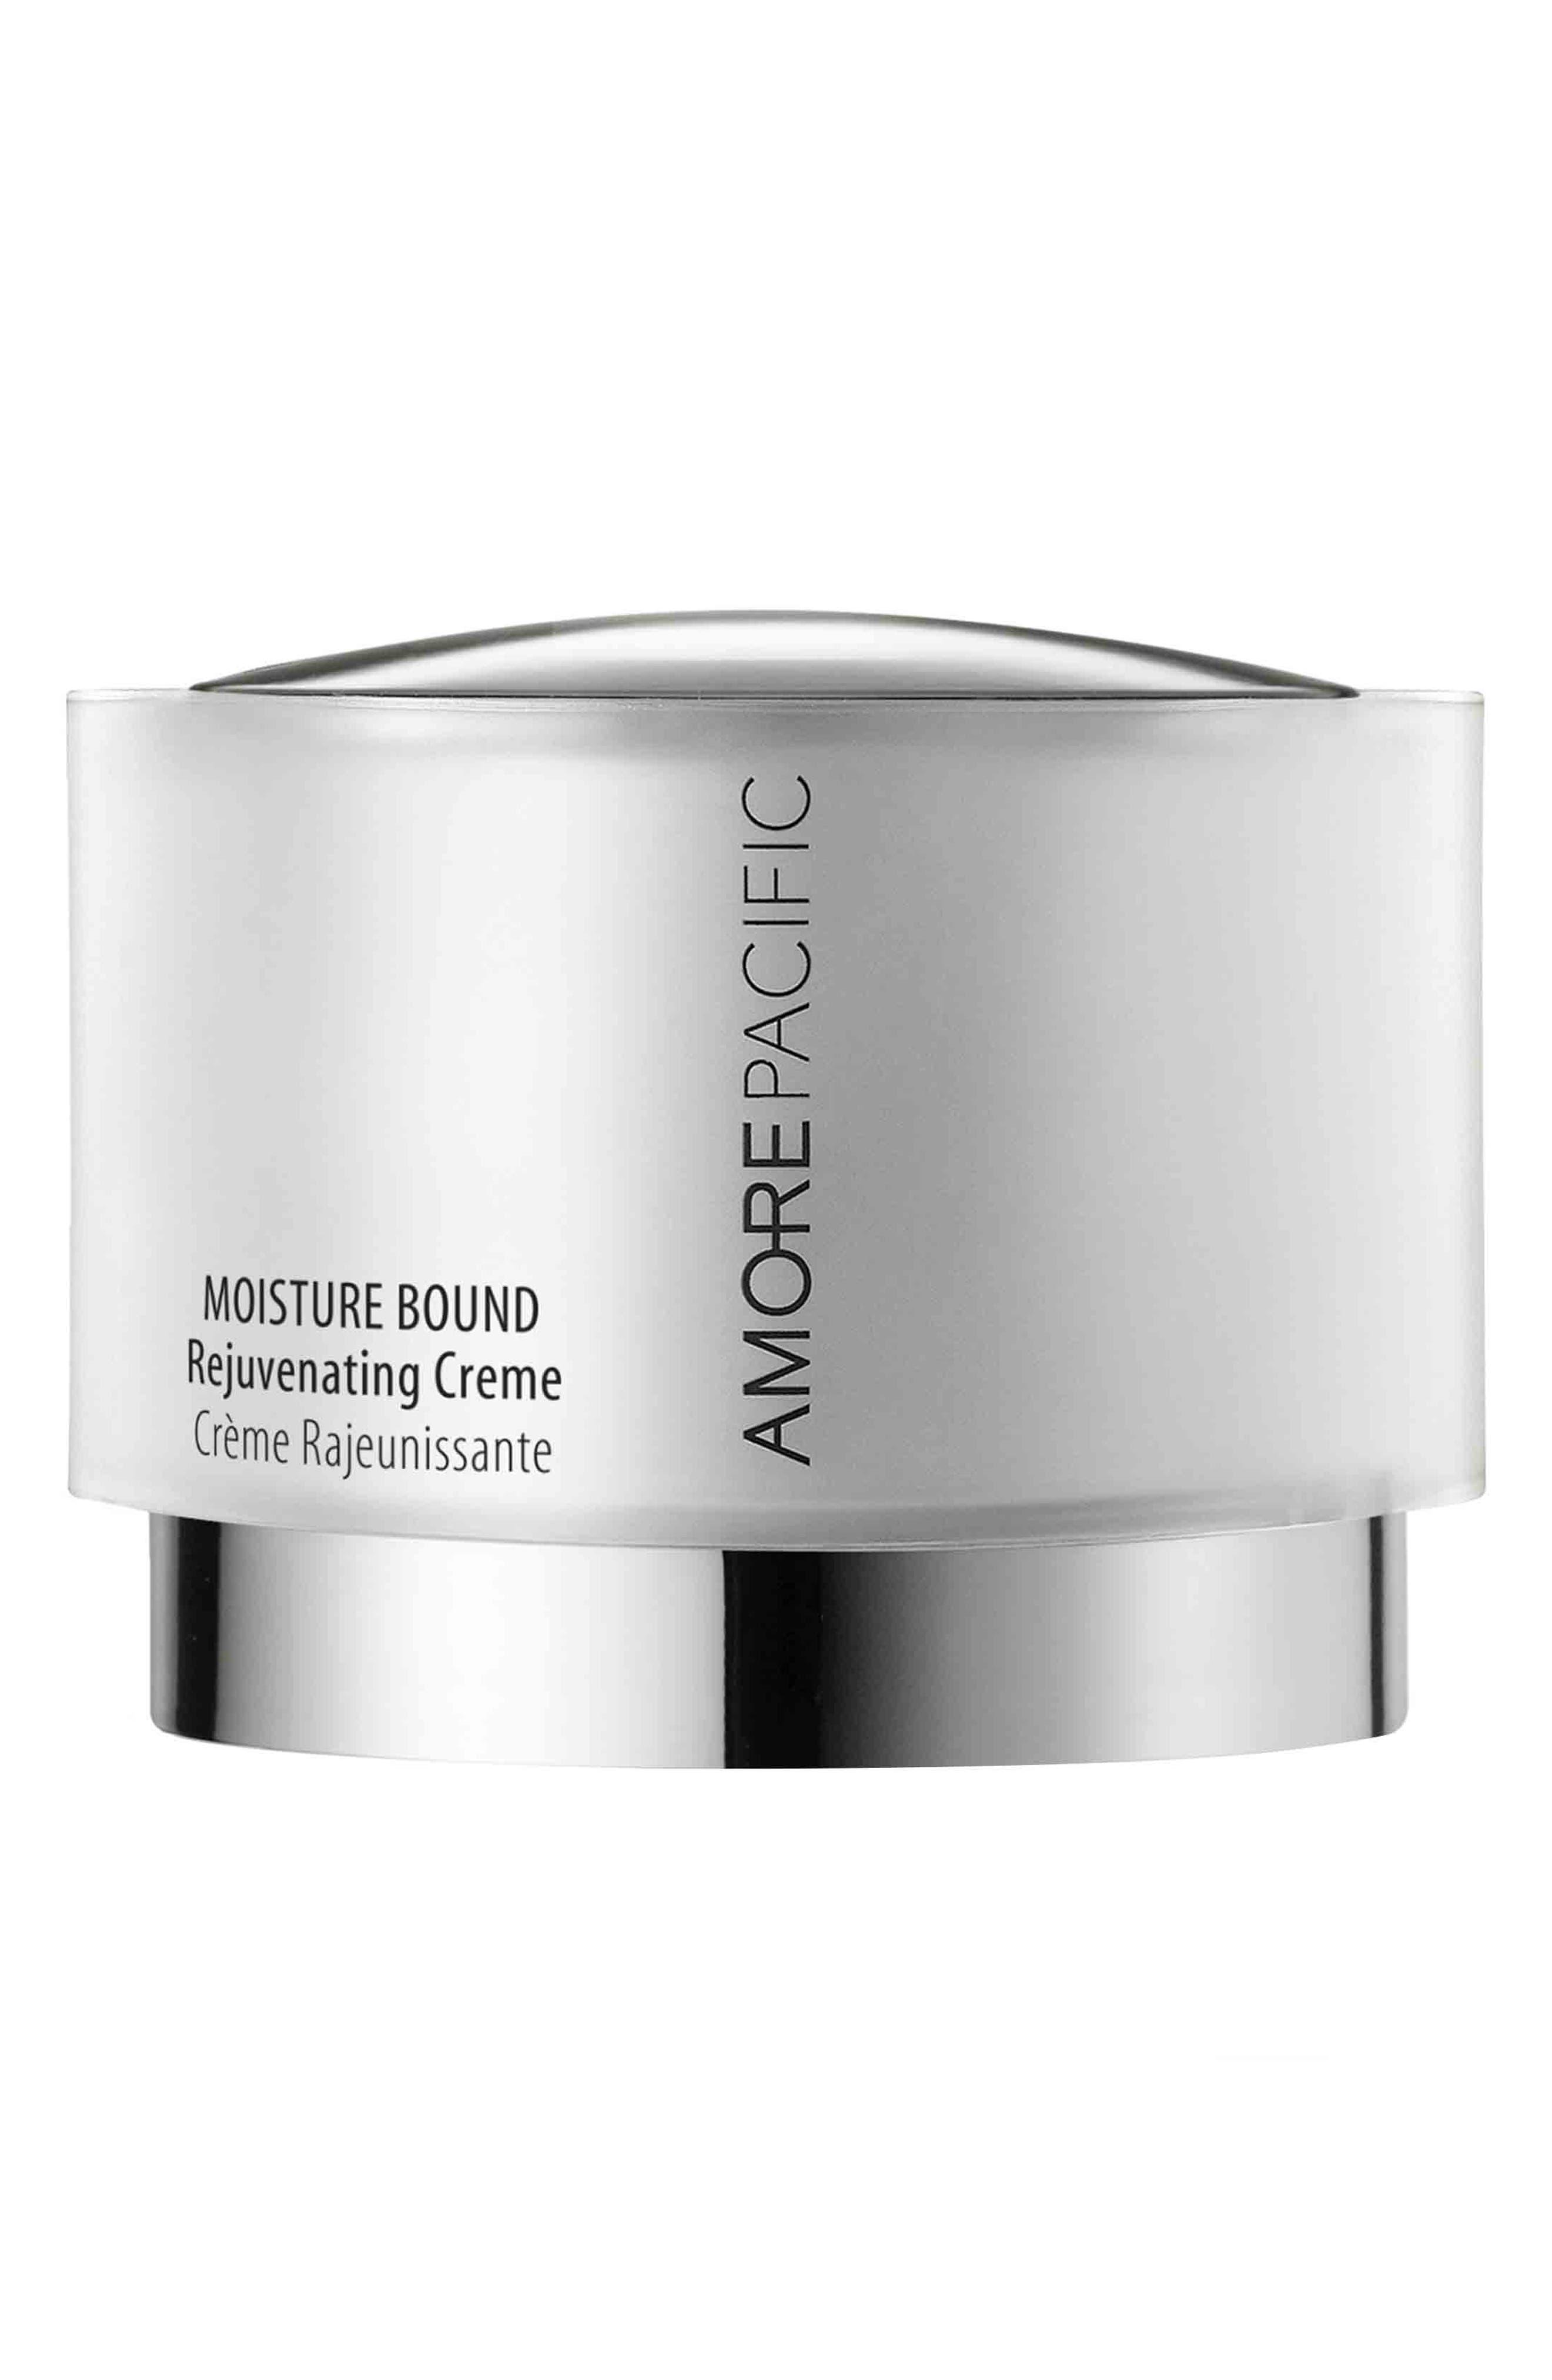 'Moisture Bound' Rejuvenating Crème,                             Main thumbnail 1, color,                             NO COLOR